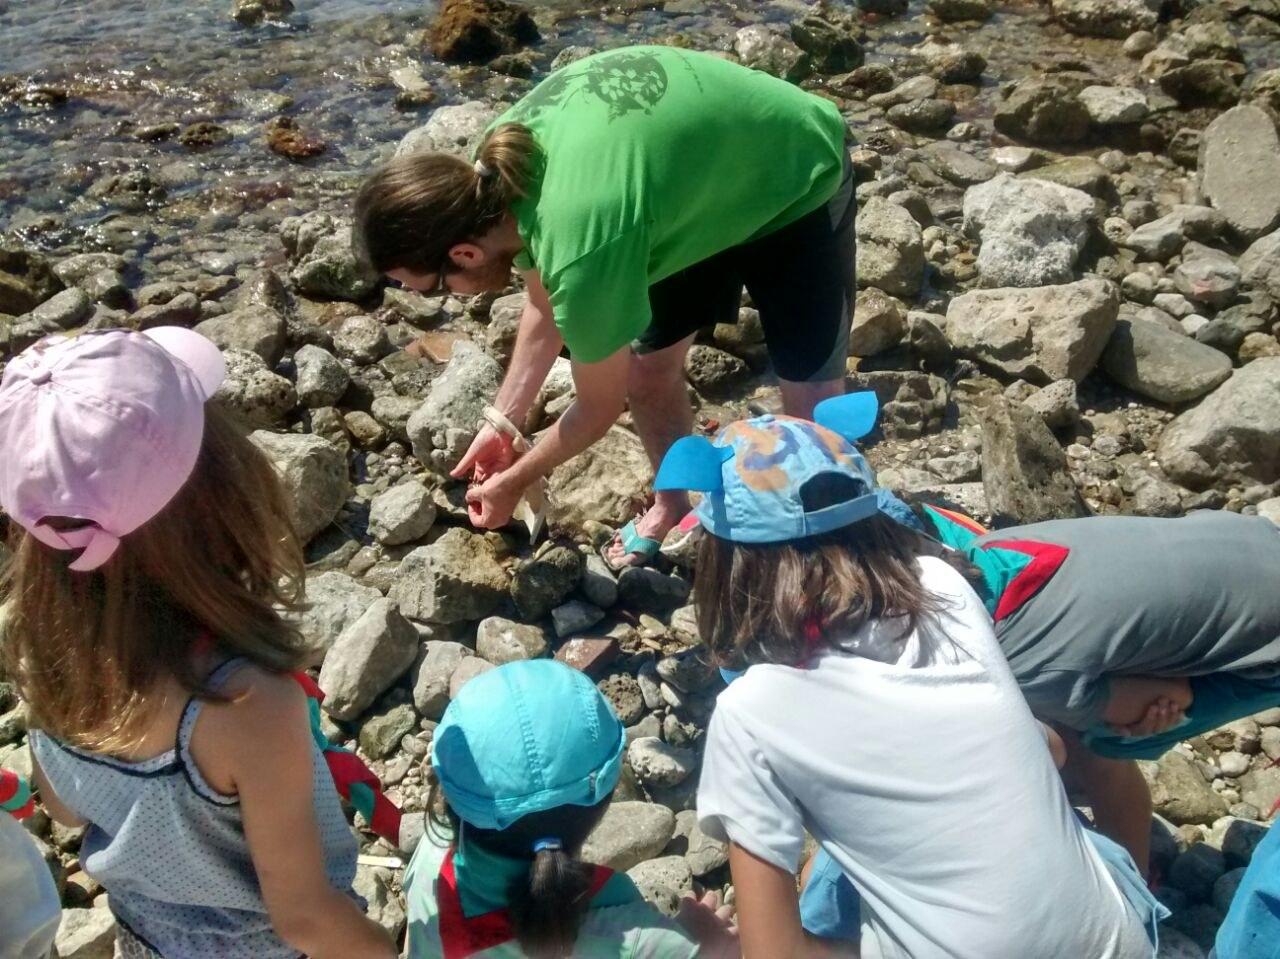 La 6a edició del Sitges Clean Up Day, una acció de neteja participativa de platges, es realitzarà el 5 de maig